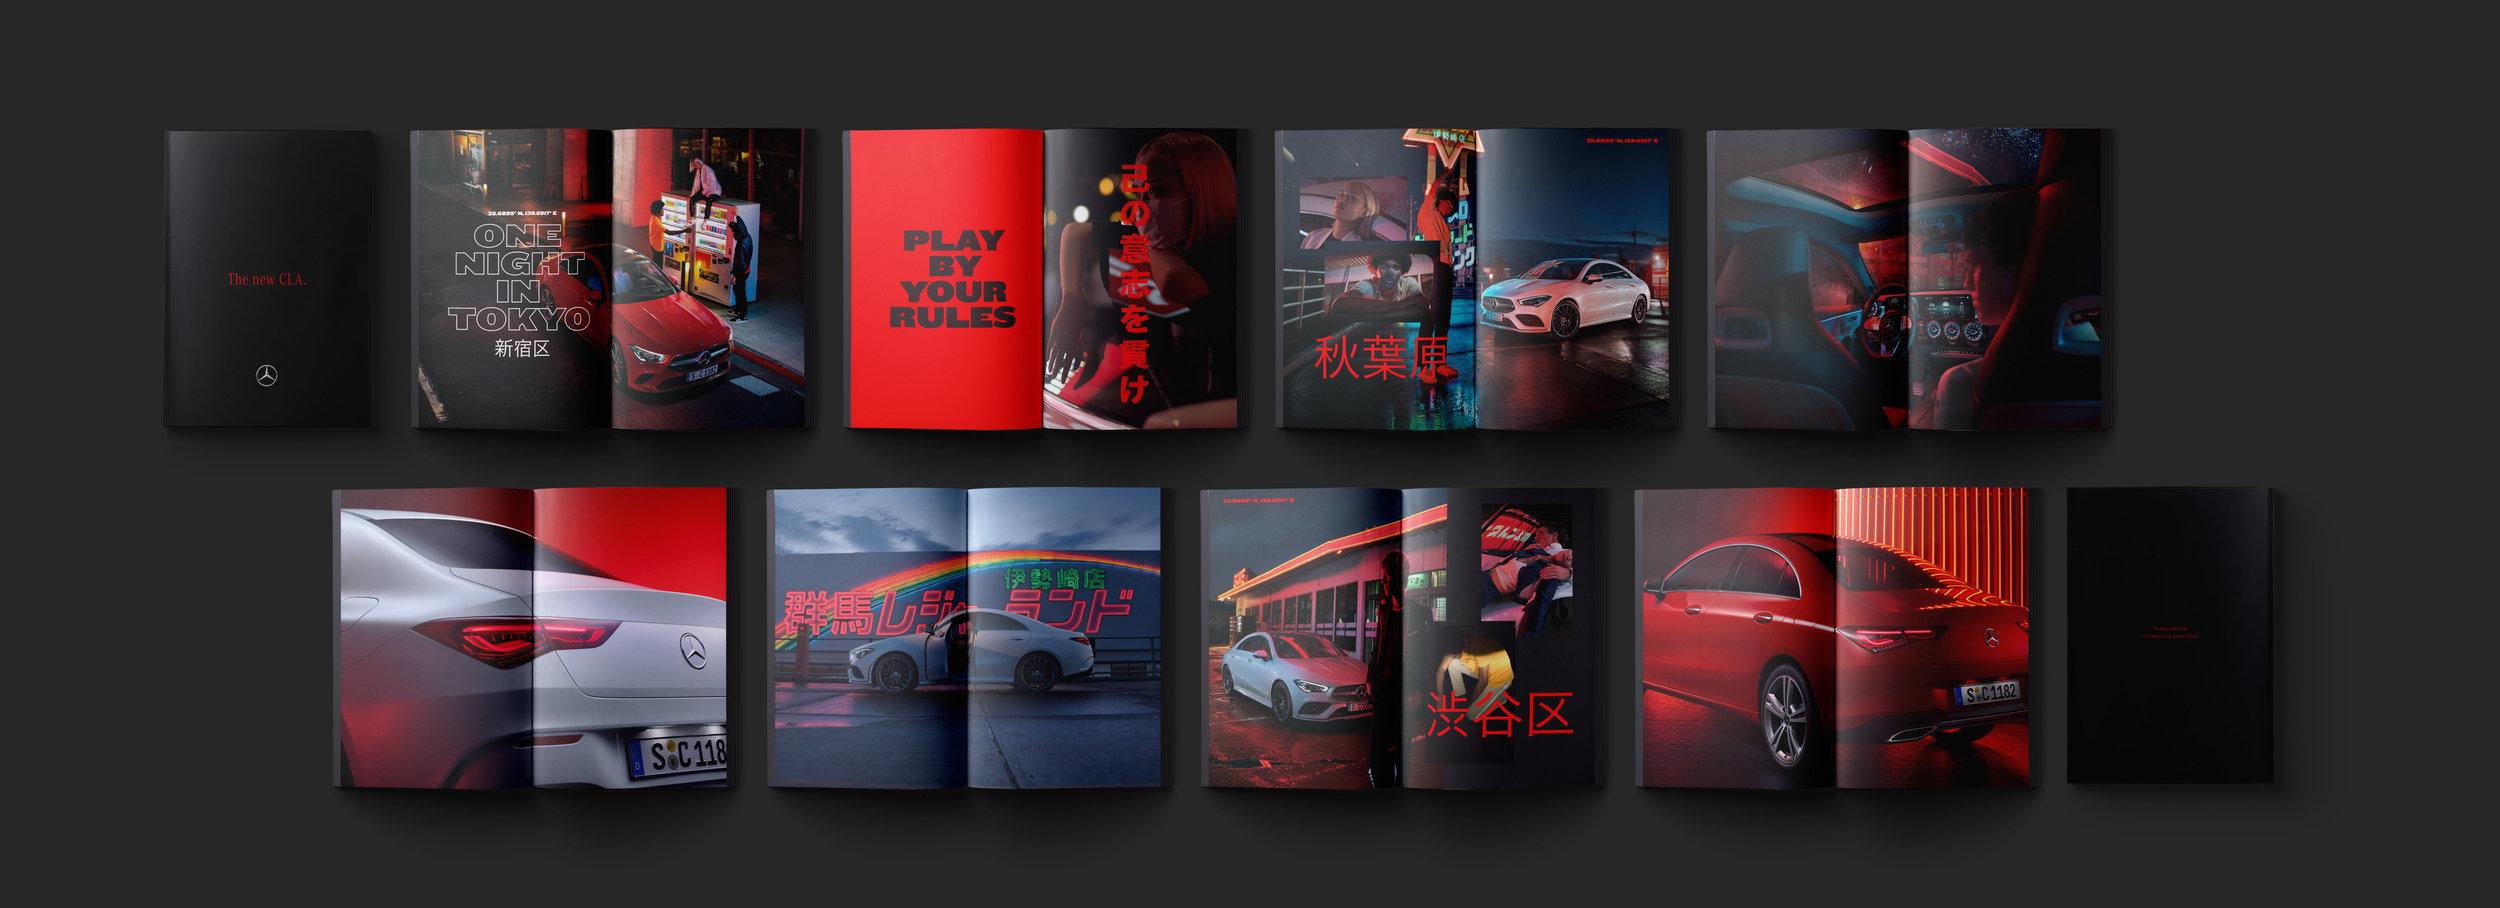 book_2_3.jpg